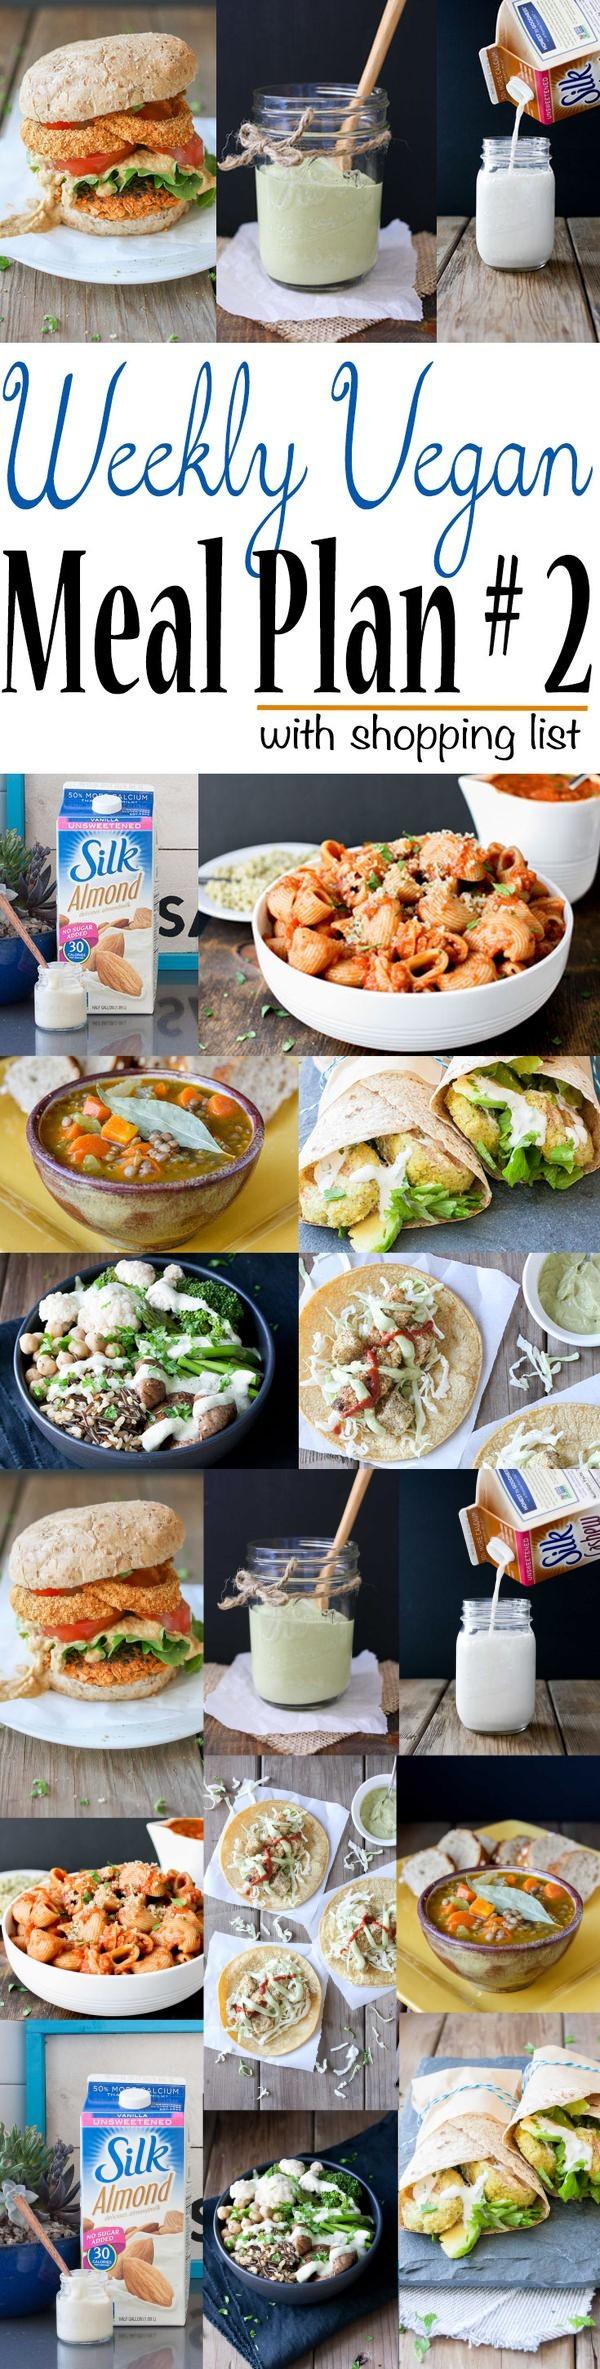 Weekly Vegan Meal Plan 2 Shopping List